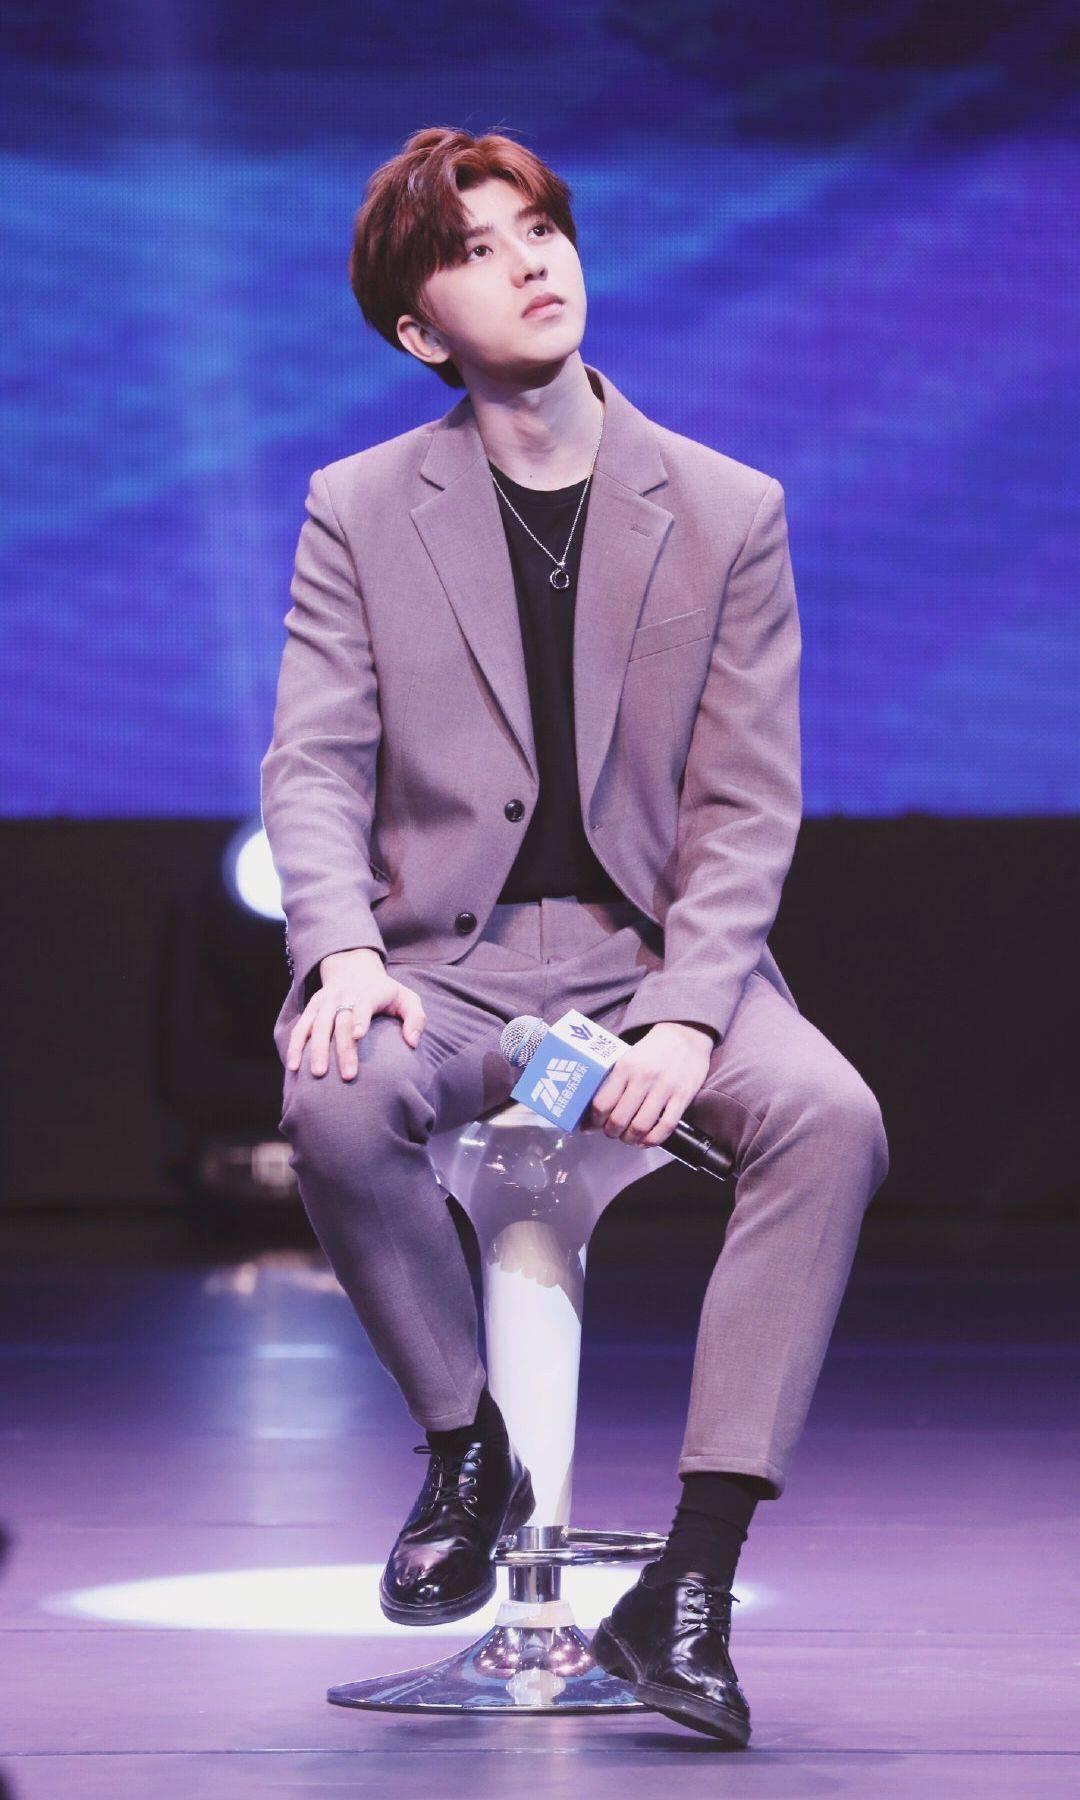 蔡徐坤穿西装不挺帅的吗?蔡徐坤最新西装造型舞台上好耀眼